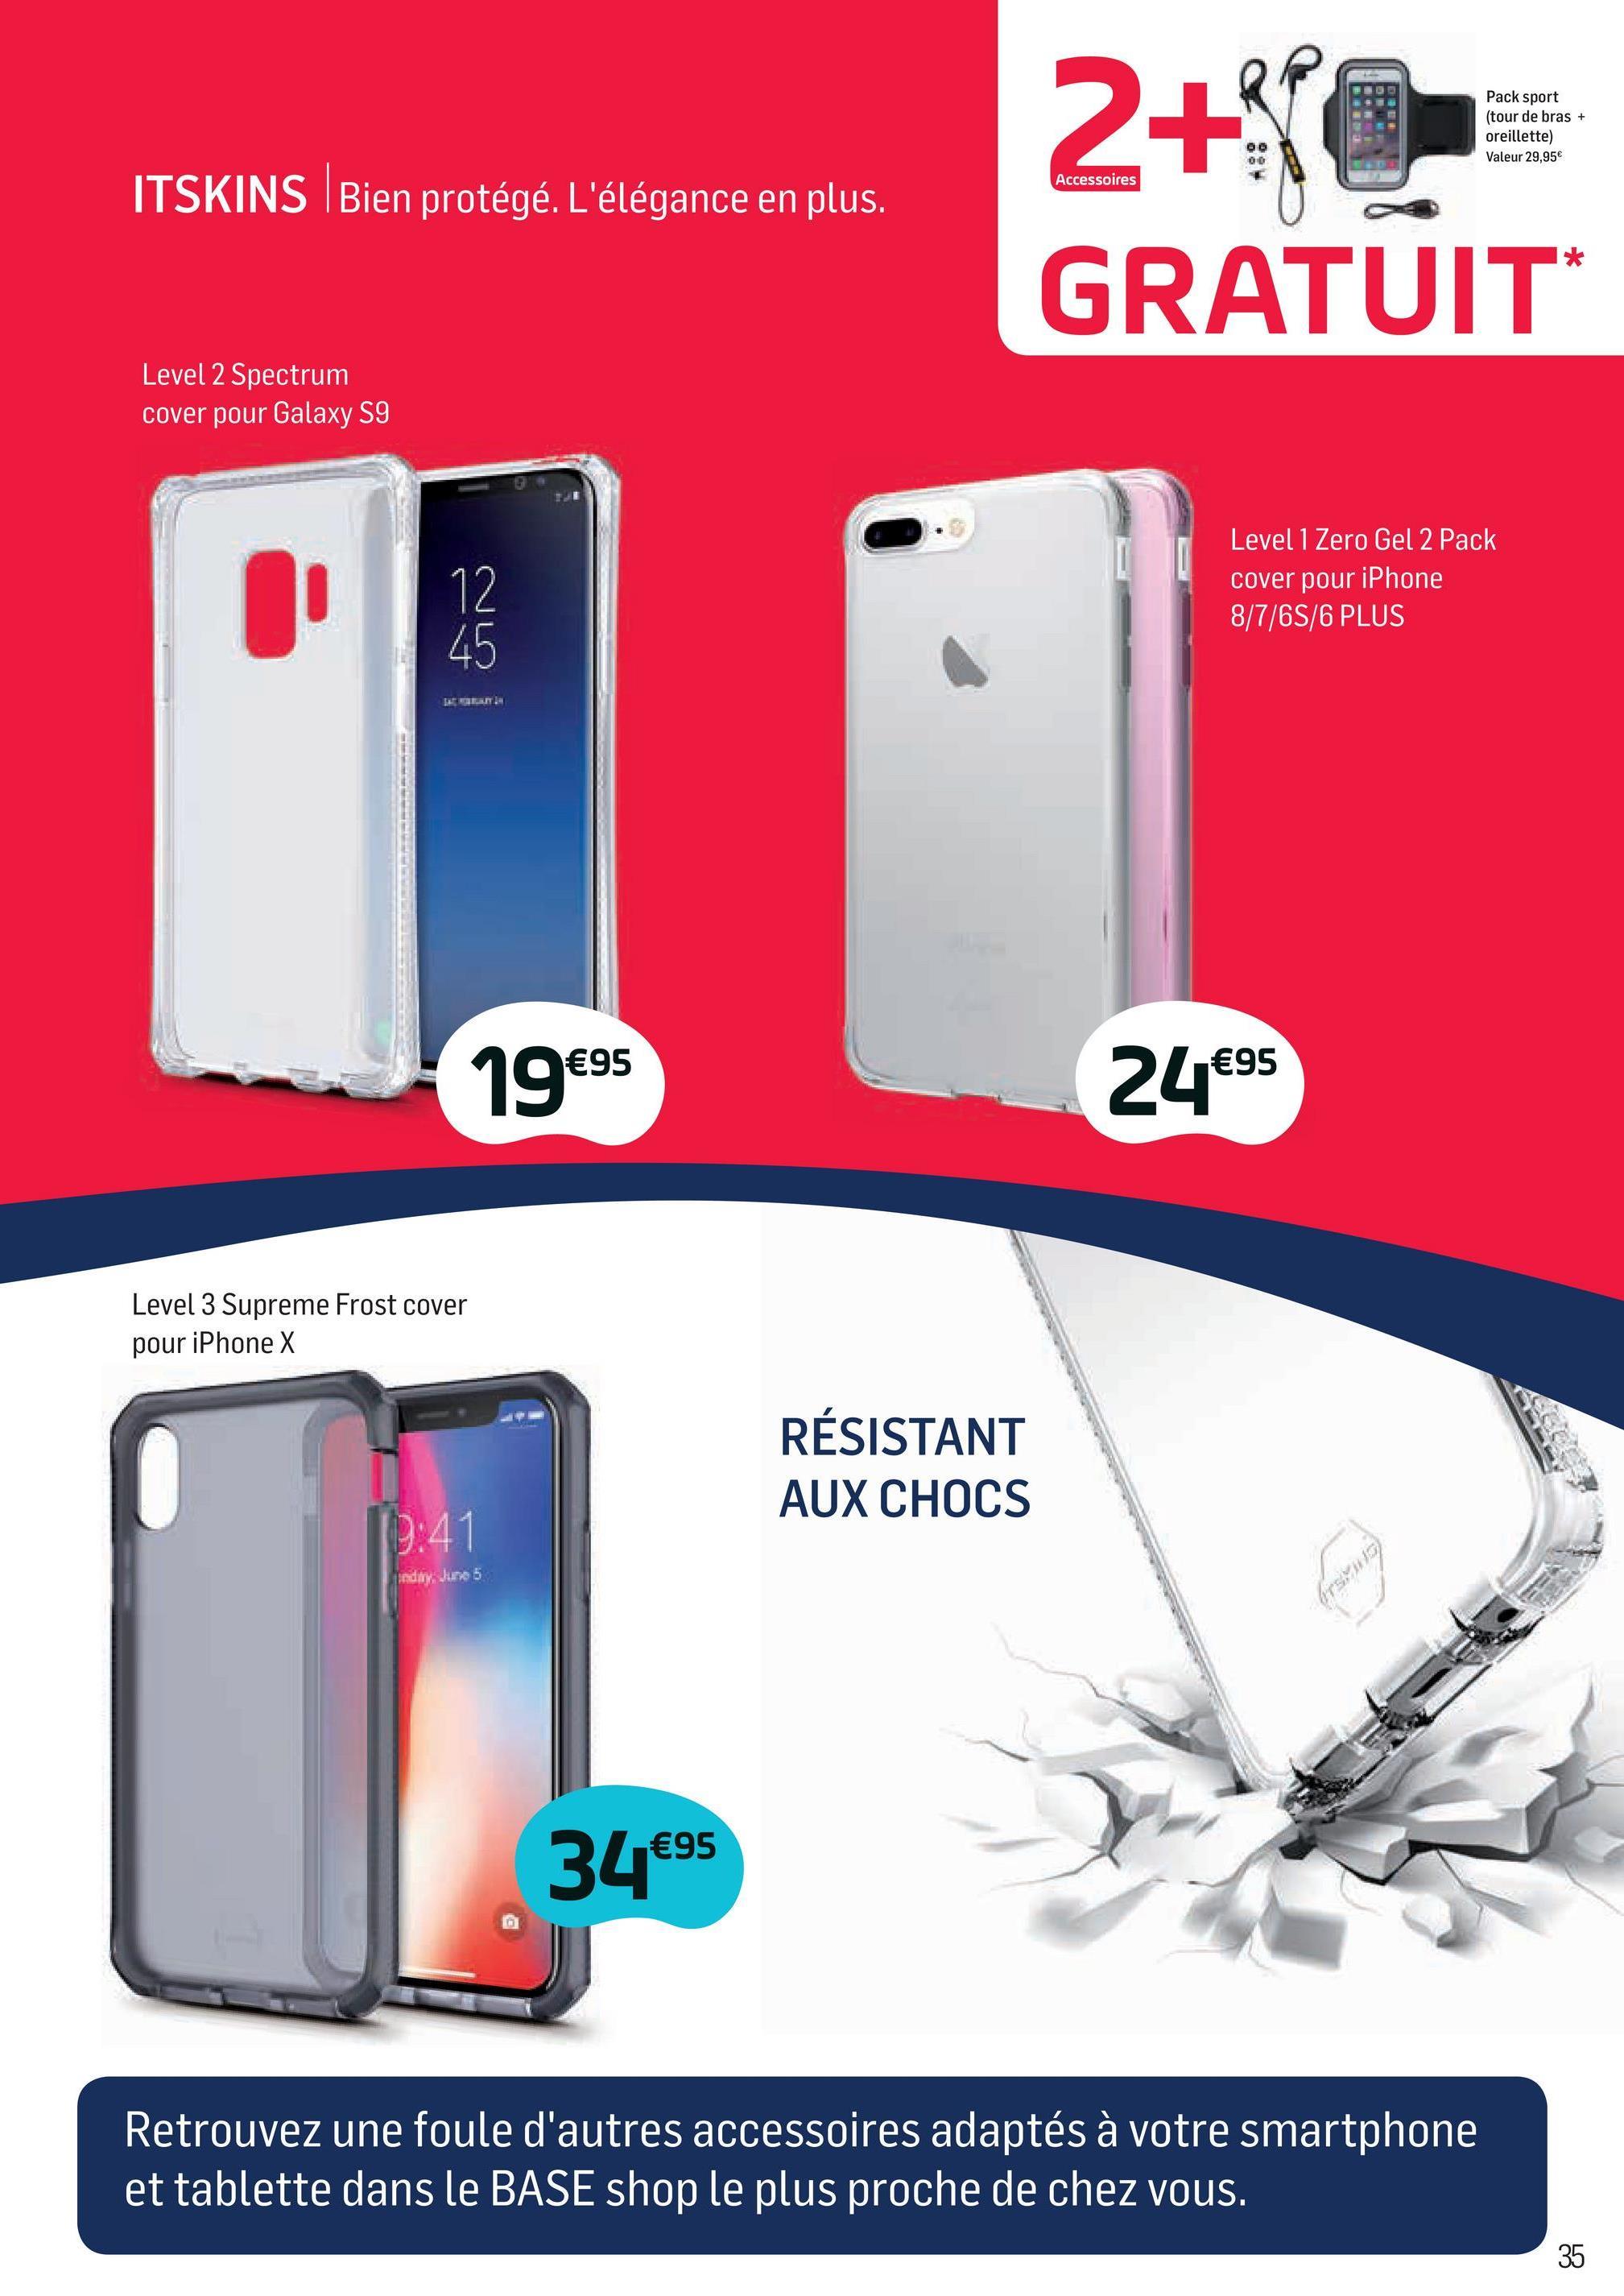 Folder Base du 02/04/2018 au 01/05/2018 - Pack sport (tour de bras + oreillette) Valeur 29,95€ Accessoires ITSKINS Bien protégé. L'élégance en plus. 2+NOS GRATUIT Level 2 Spectrum cover pour Galaxy S9 Level 1 Zero Gel 2 Pack cover pour iPhone 8/7/6S/6 PLUS 19€95 24€95 Level 3 Supreme Frost cover pour iPhone X RÉSISTANT AUX CHOCS edir5 34€95 Retrouvez une foule d'autres accessoires adaptés à votre smartphone et tablette dans le BASE shop le plus proche de chez vous.